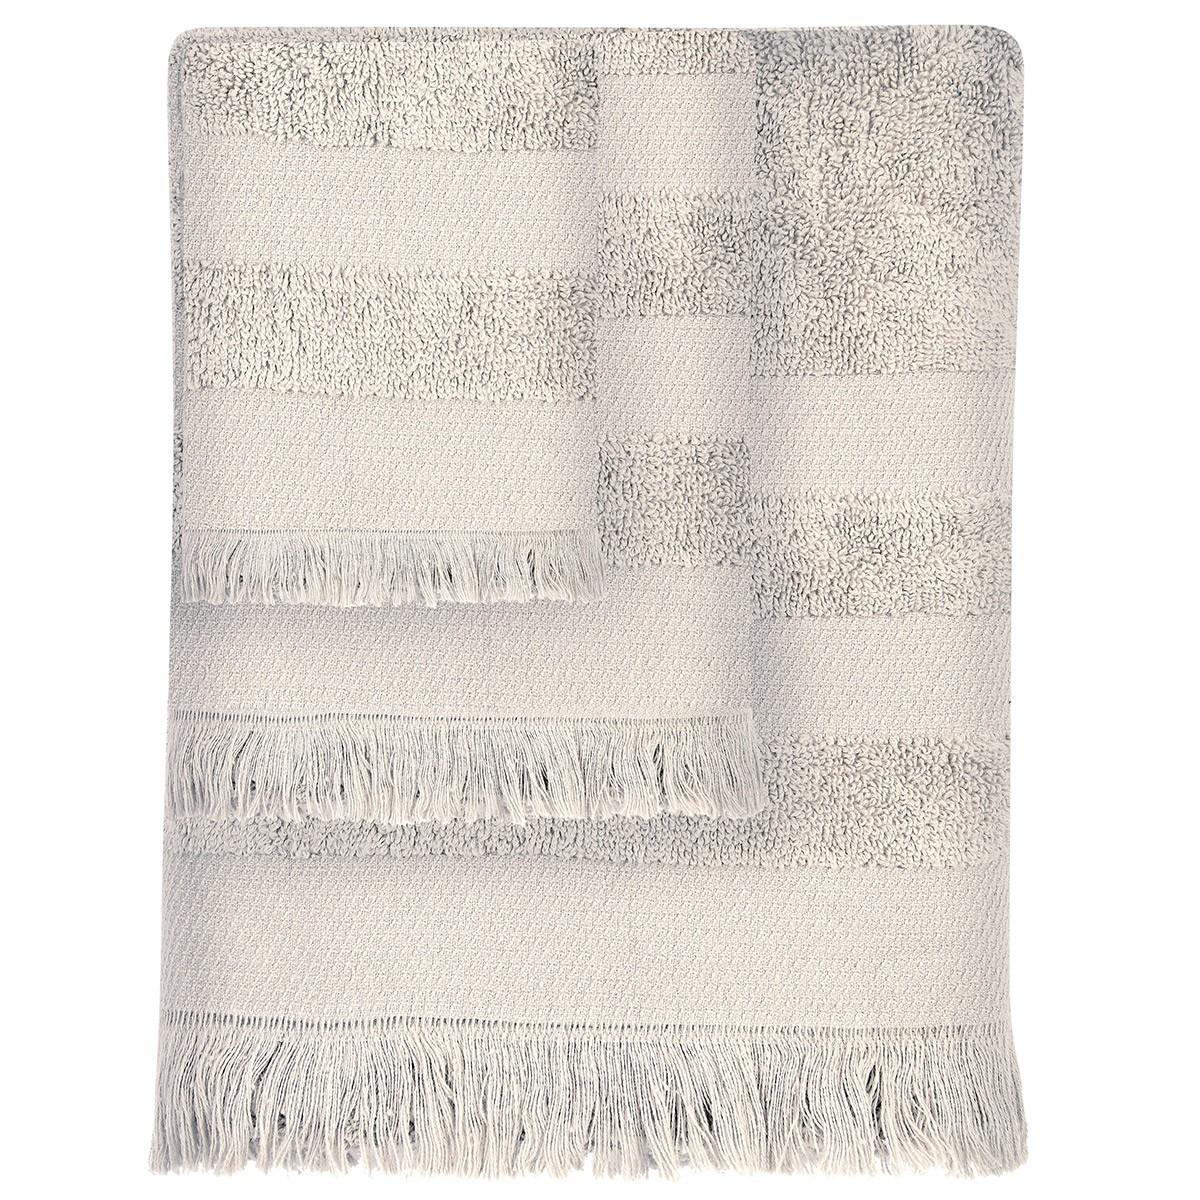 Πετσέτες Μπάνιου (Σετ 3τμχ) Das Home Simple 350